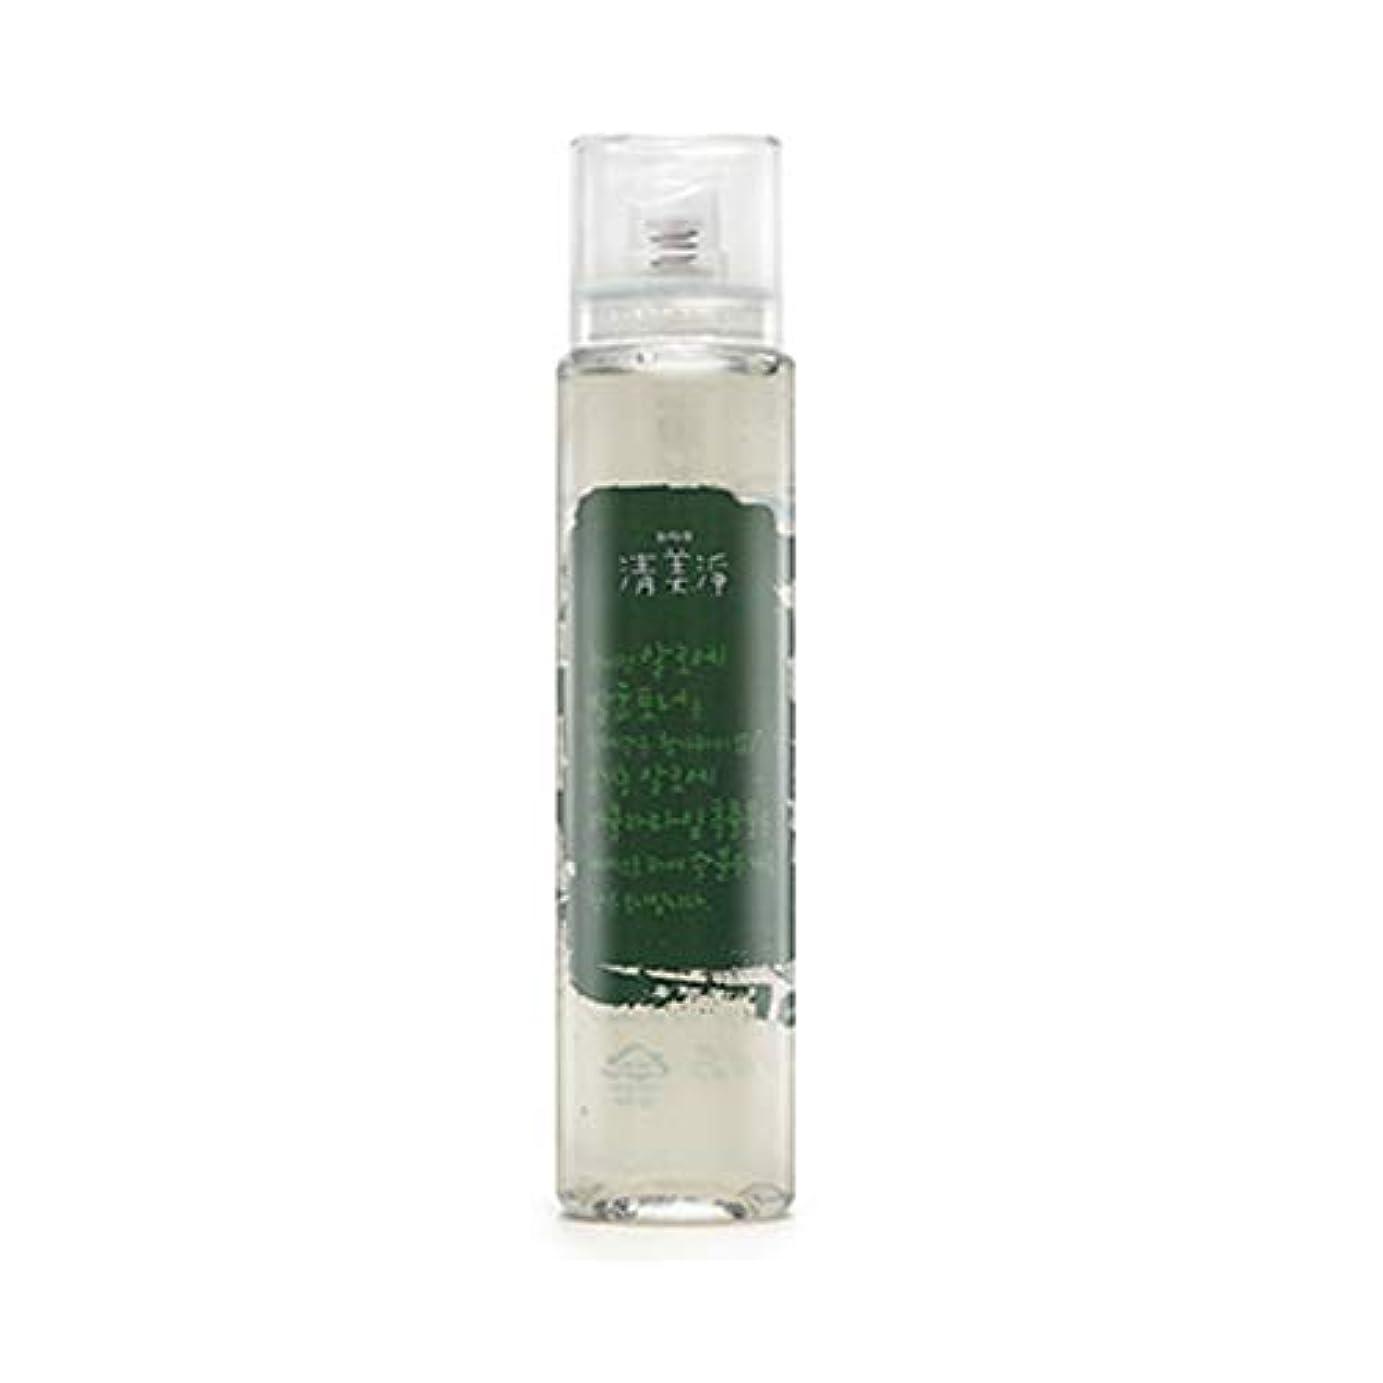 週間手荷物の間で[ChungMiJung] 清美浄(チョンミジョン) アロエ発酵トナー 140ml Aloe Fermentation Toner - 98% Organic Faicial Toner Skin Refresher Korean...